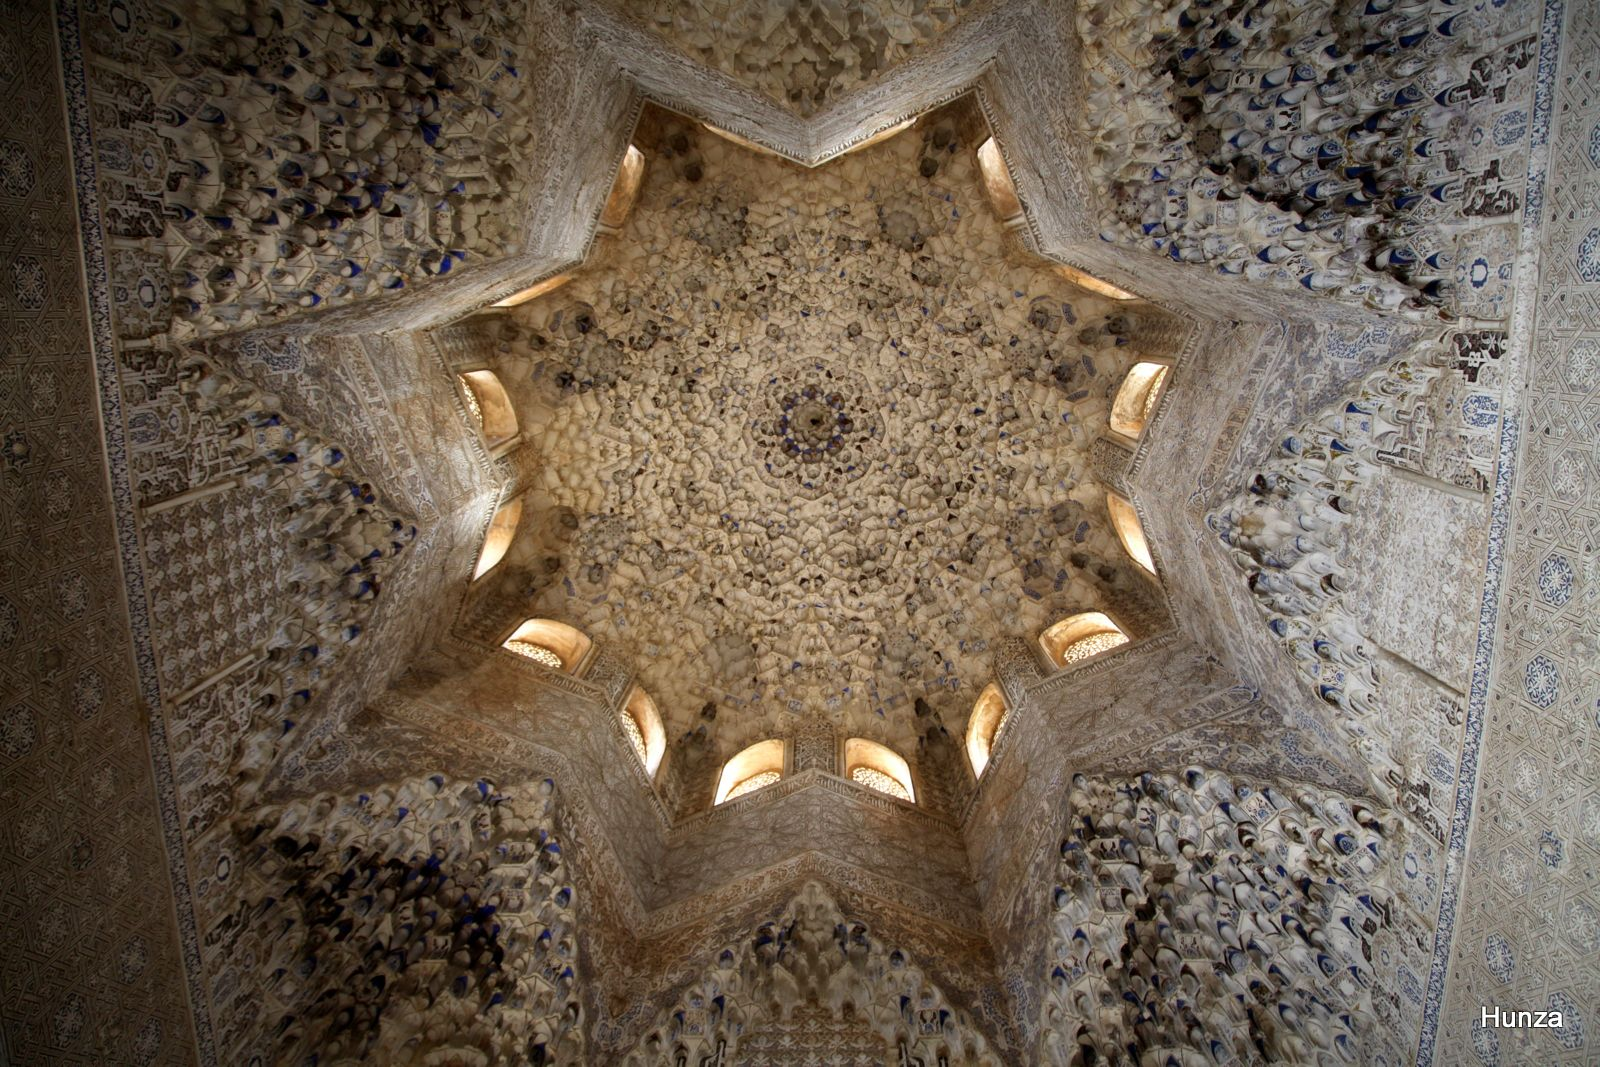 Coupole de muqarnas (stalactites de plâtre) de la salle des Abencérages